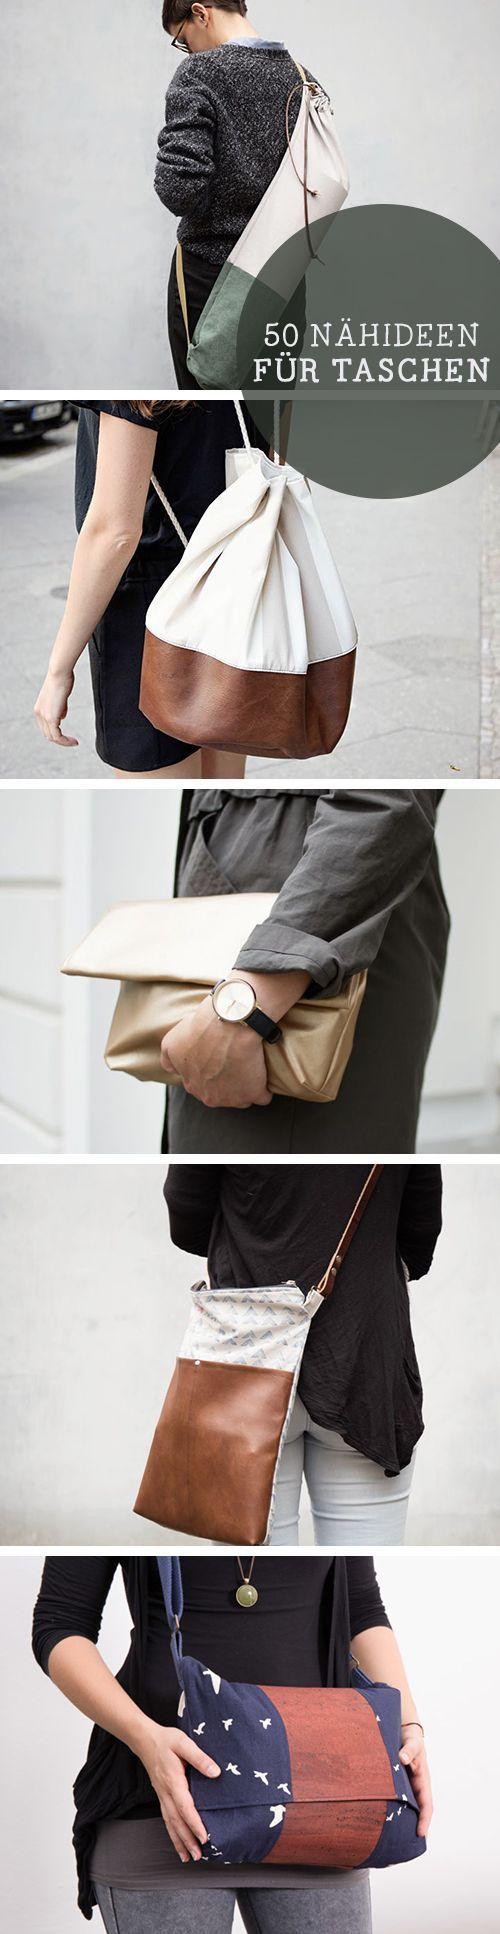 50 Nähideen für Taschen